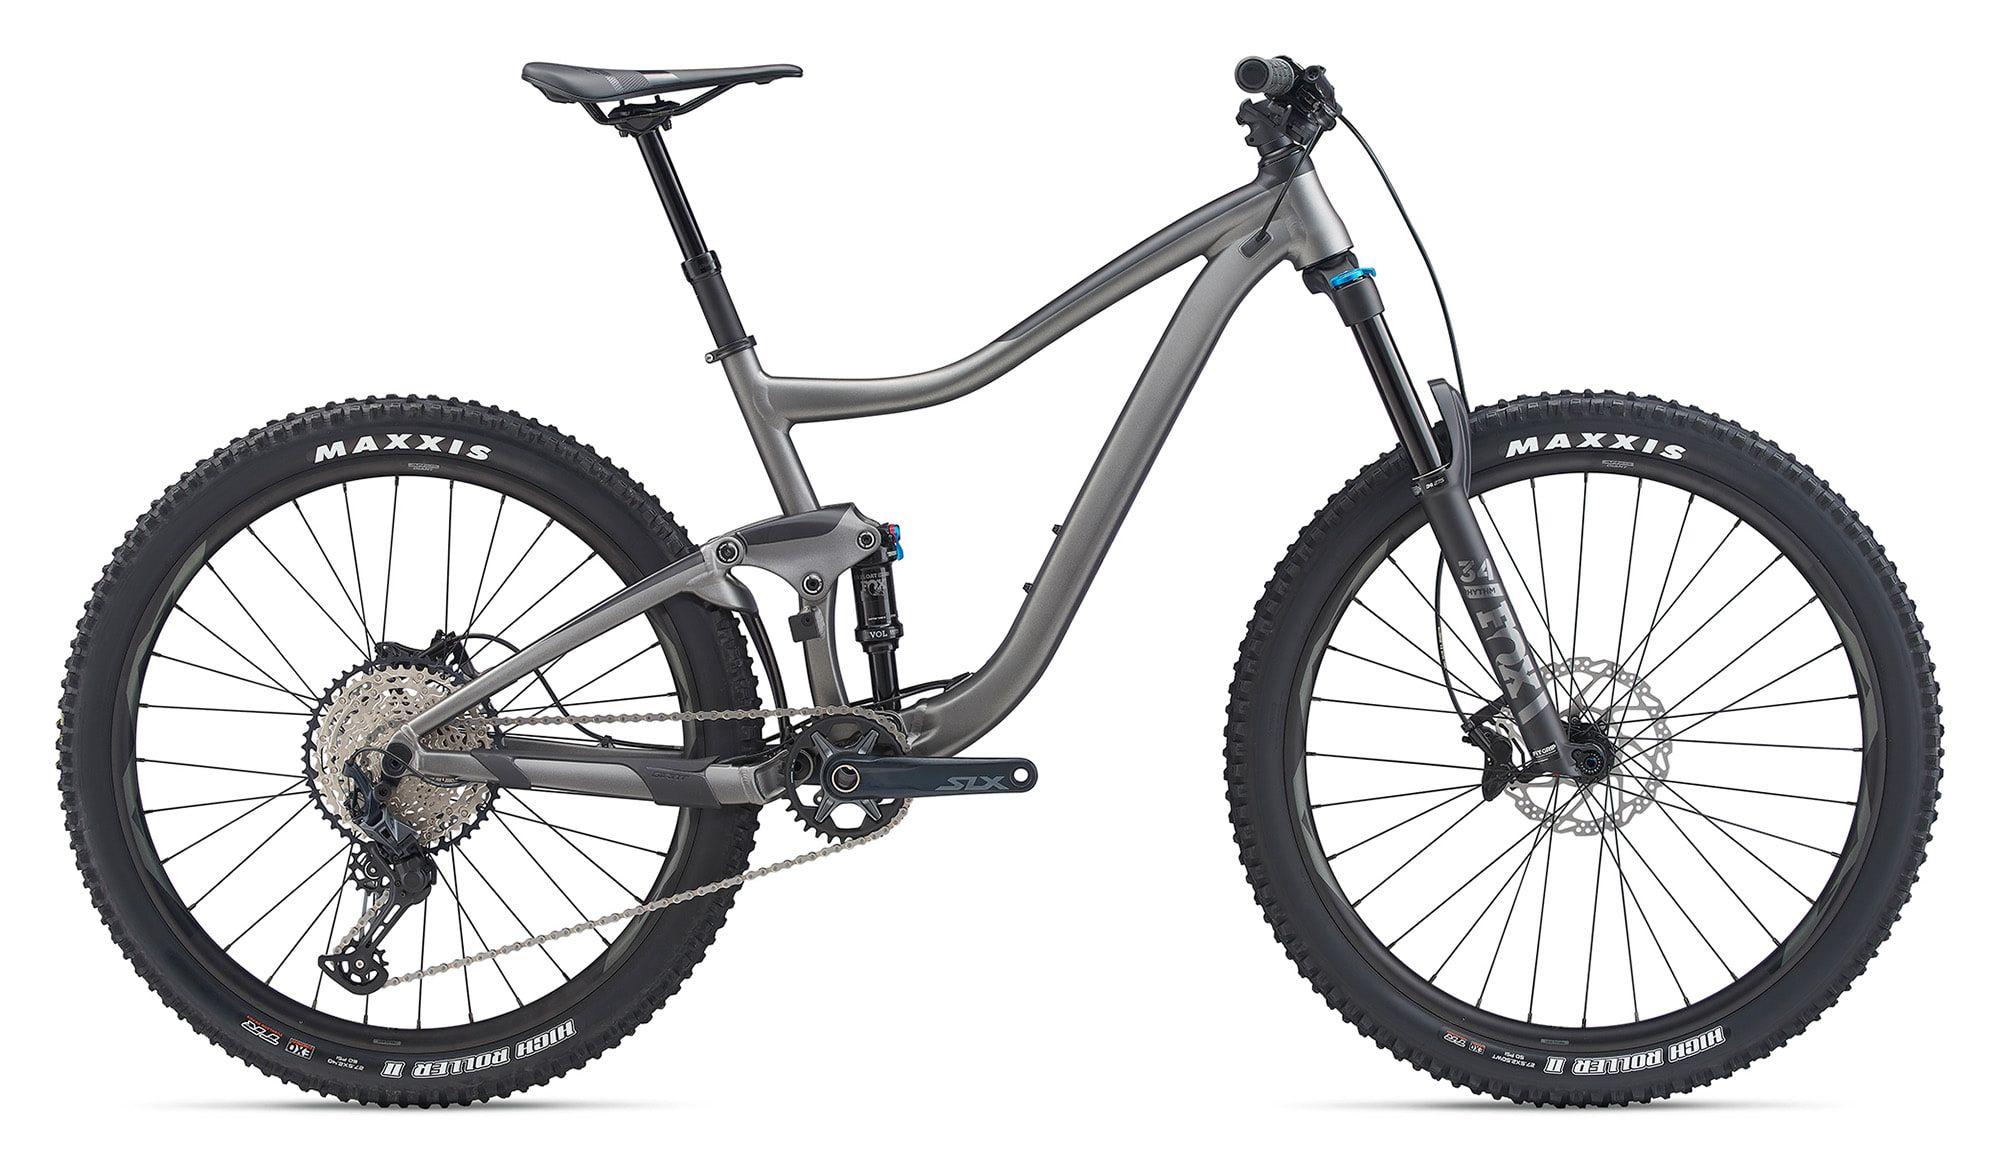 Giant Trance 2 650b Mountain Bike 2020 | Mountainbikes